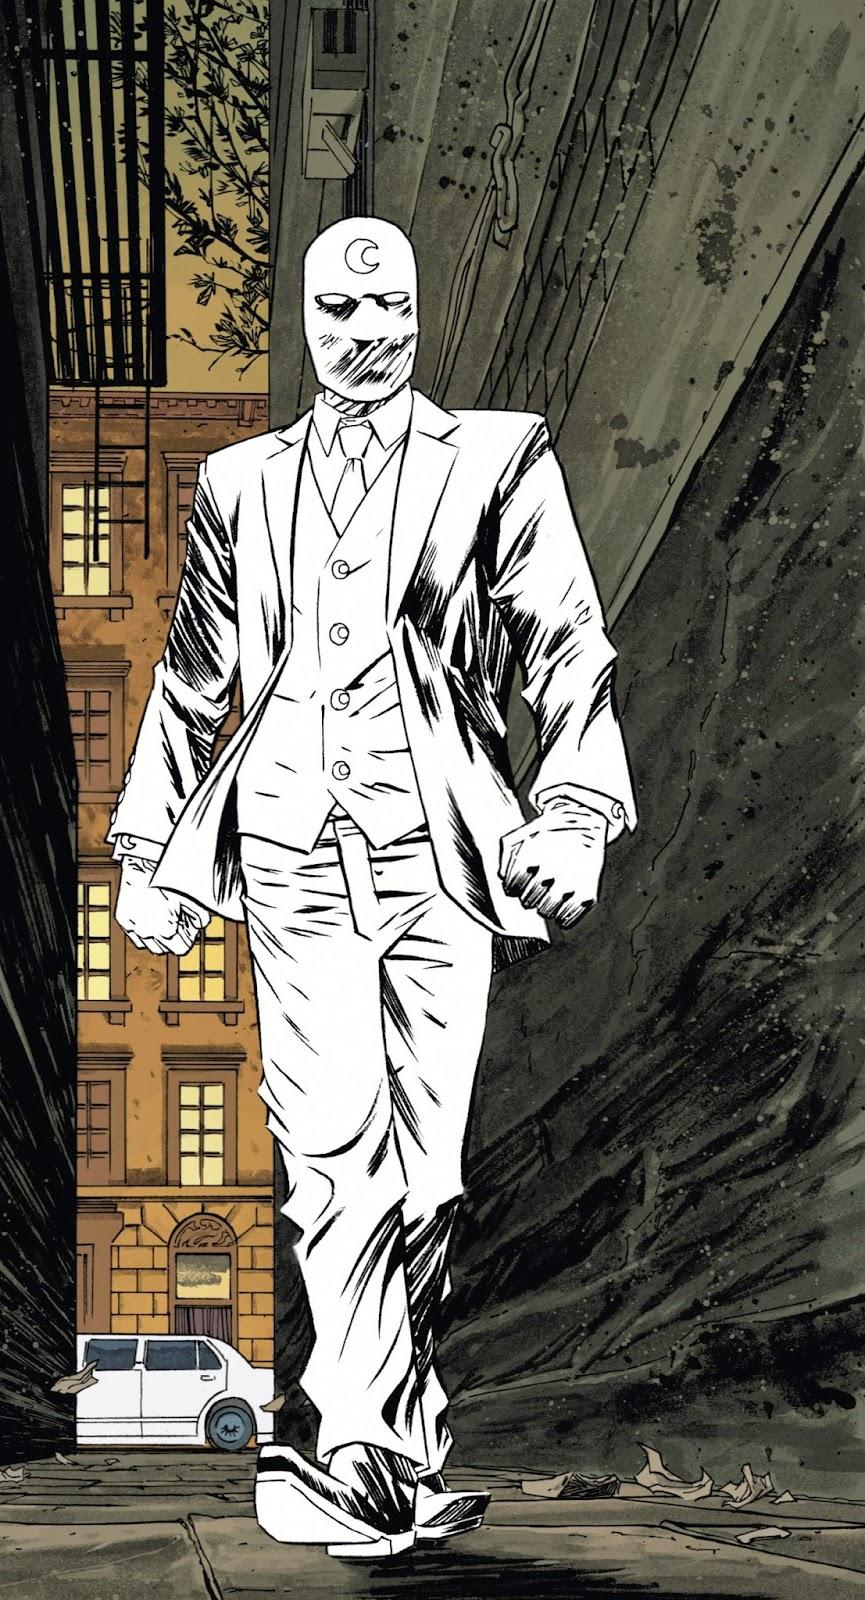 Caballero Luna - Mr. Knight - Warren Ellis - Declan Shalvey